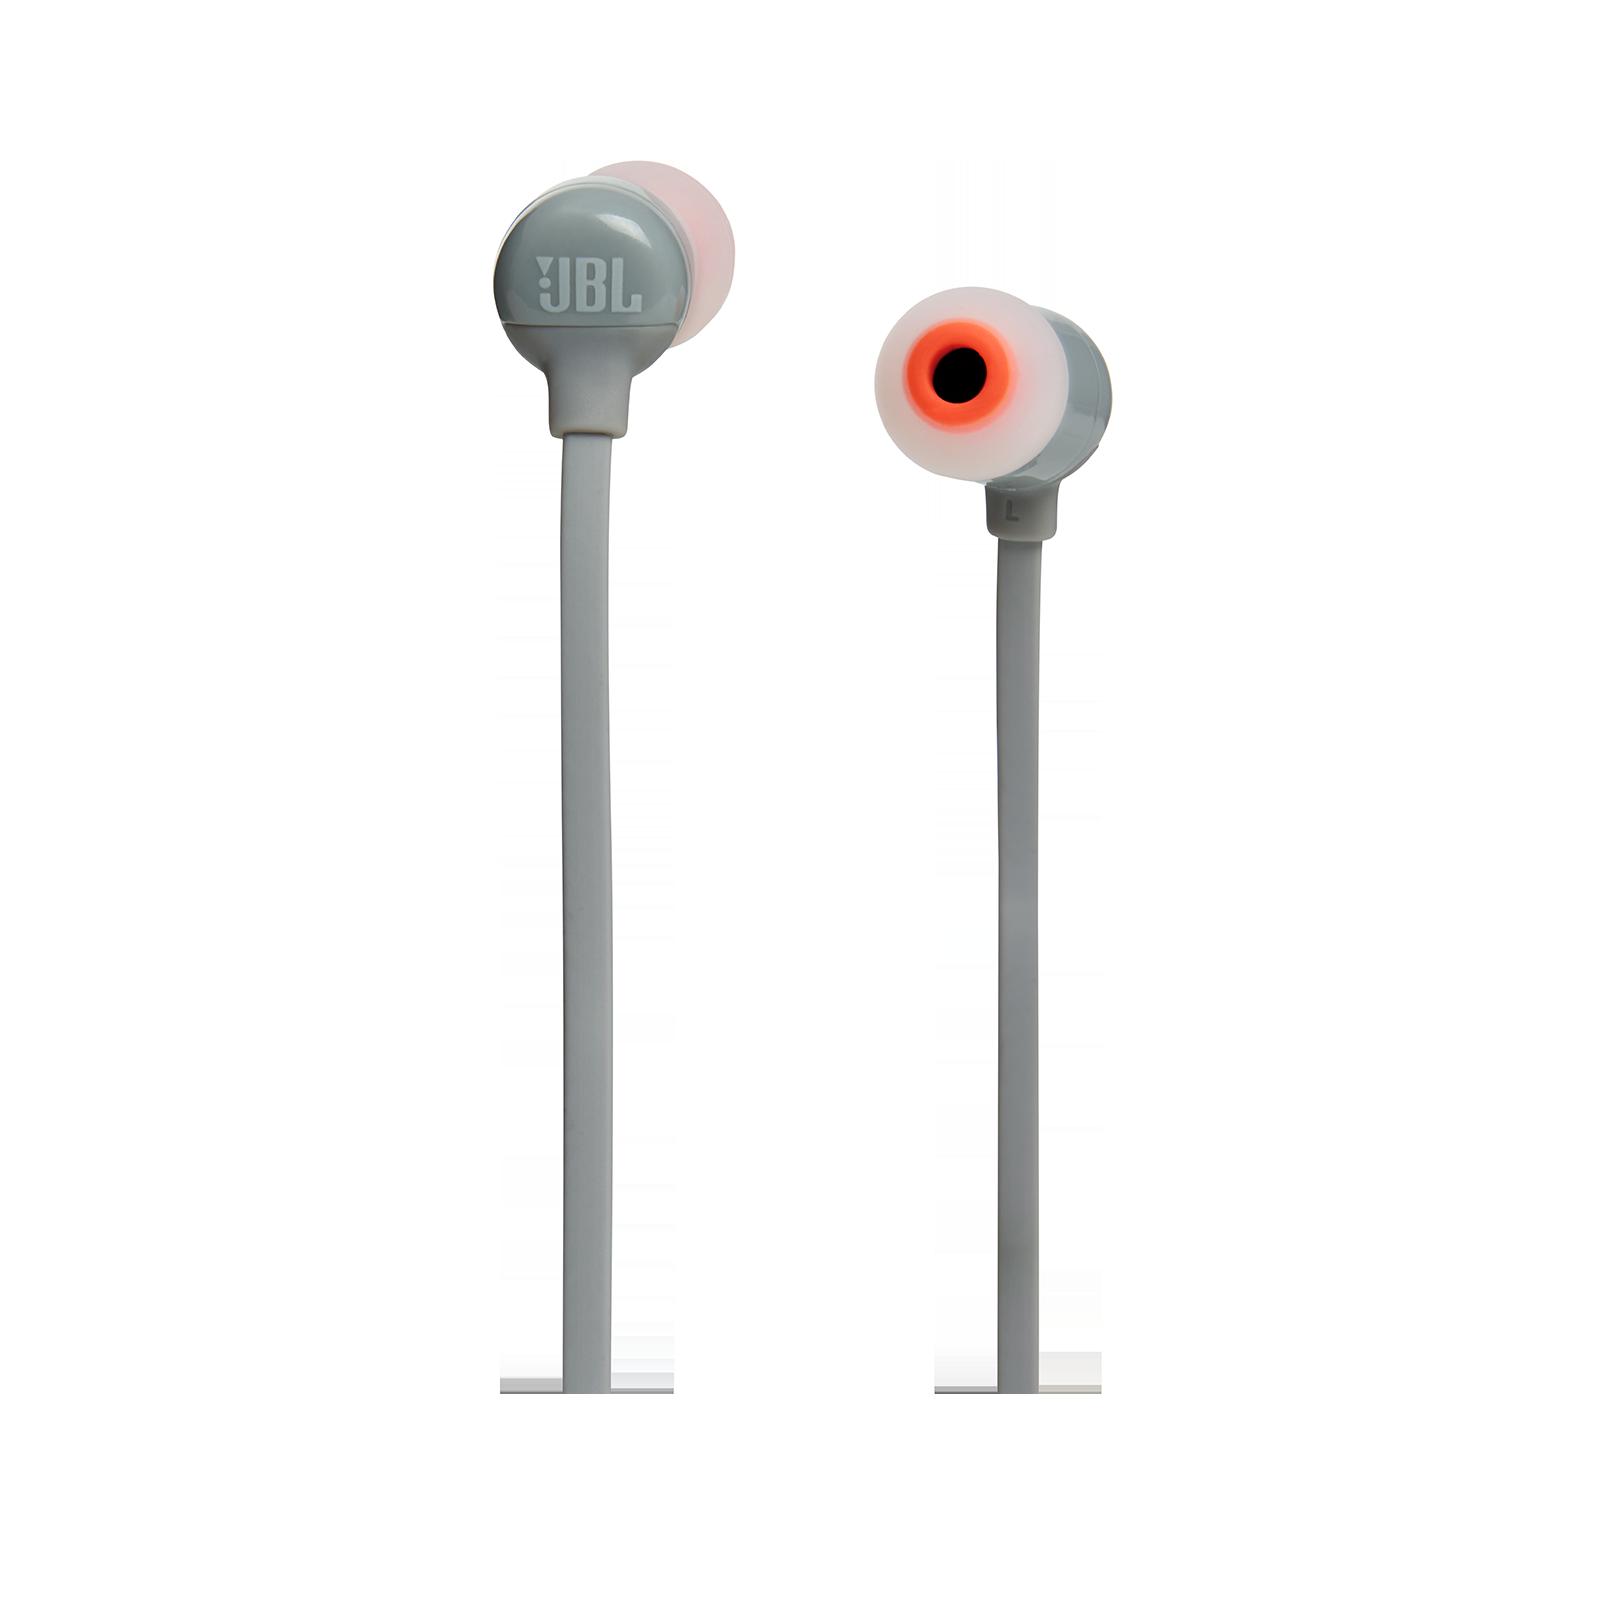 JBL TUNE 160BT - Grey - Wireless in-ear headphones - Front